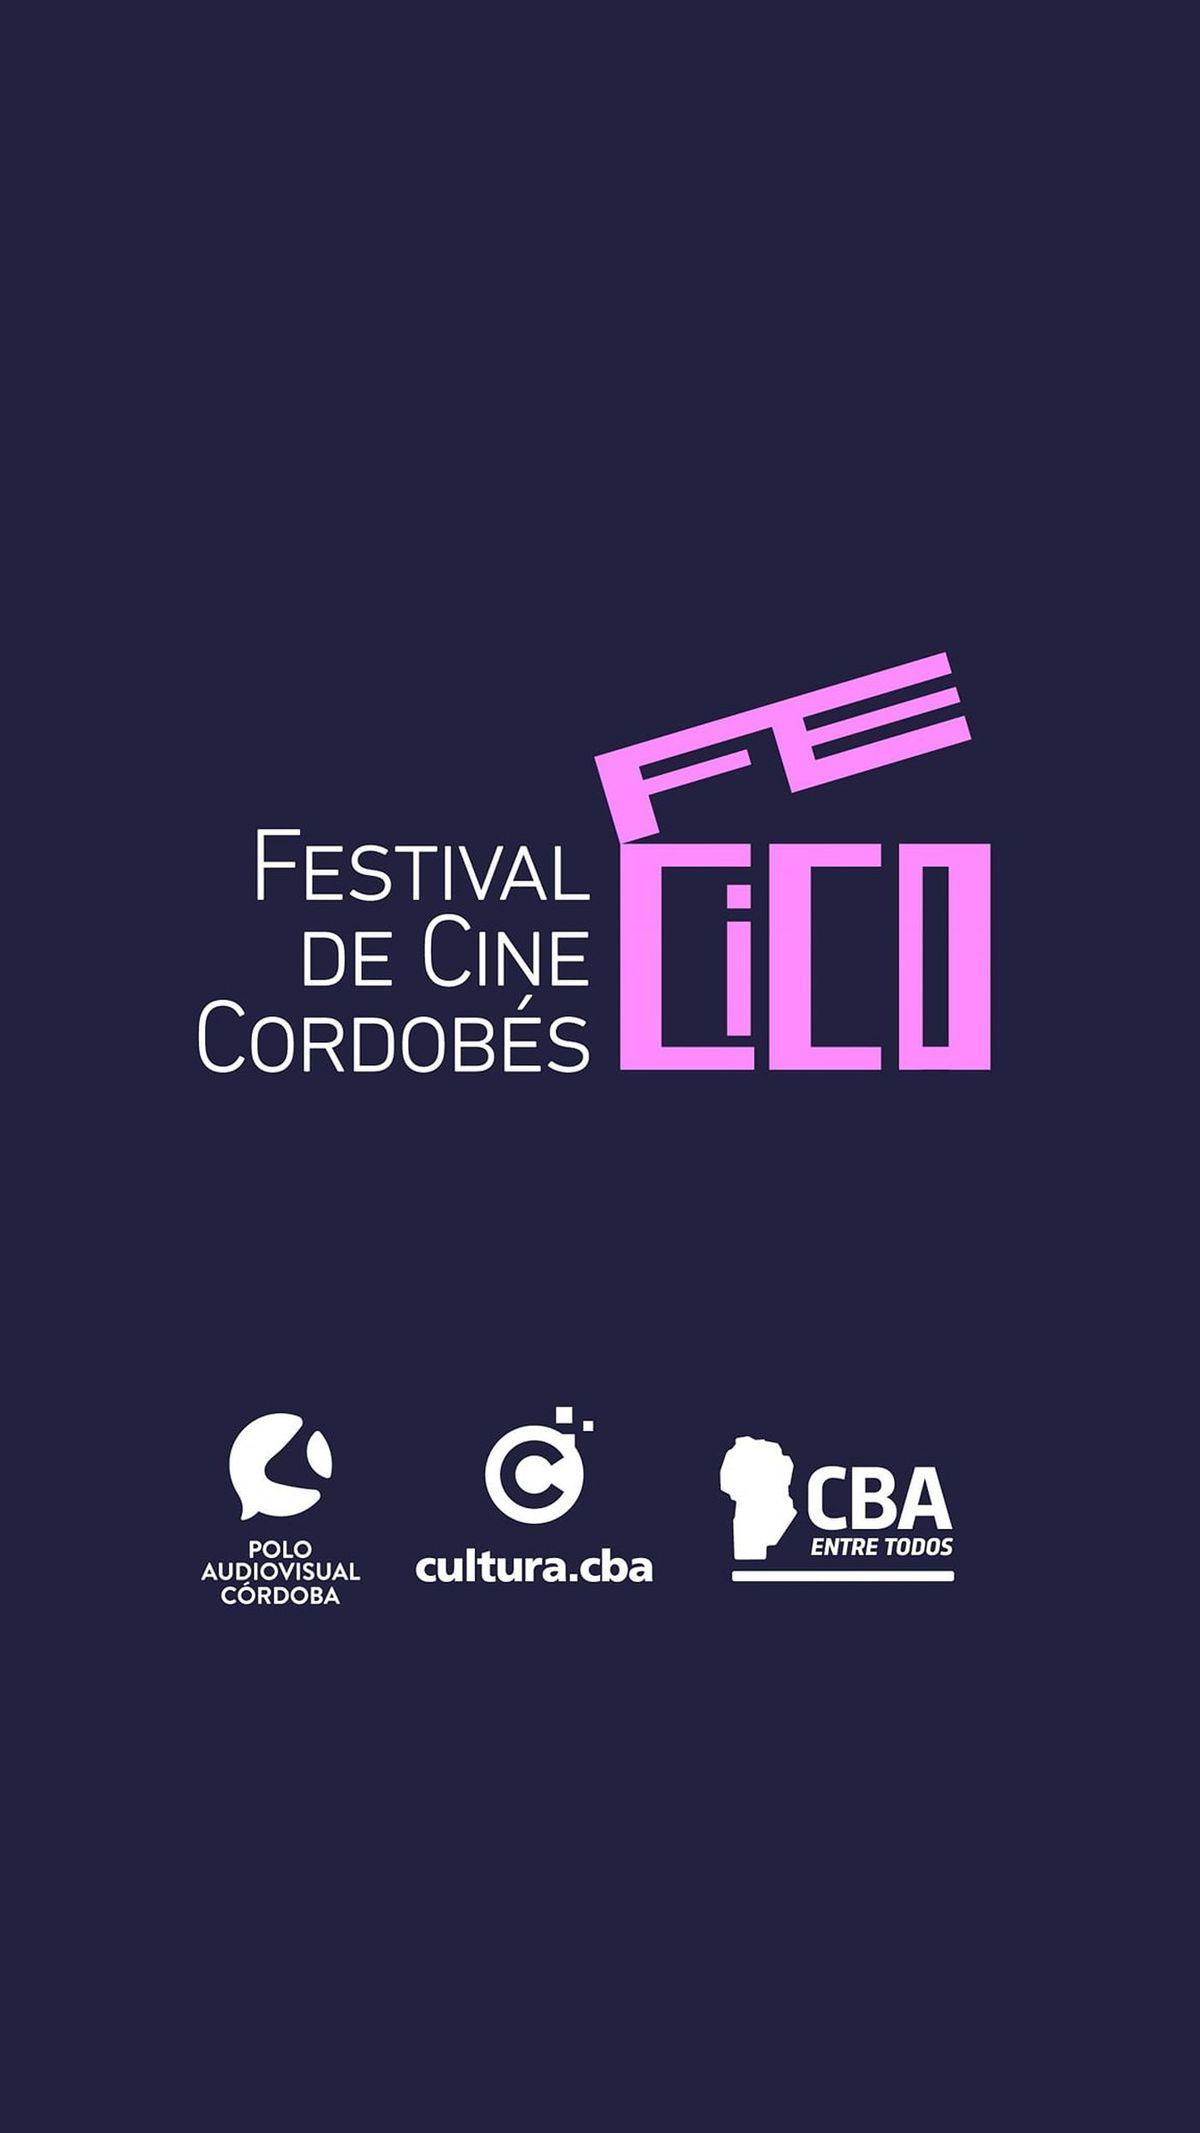 Comienza el Primer Festival de Cine Cordobés